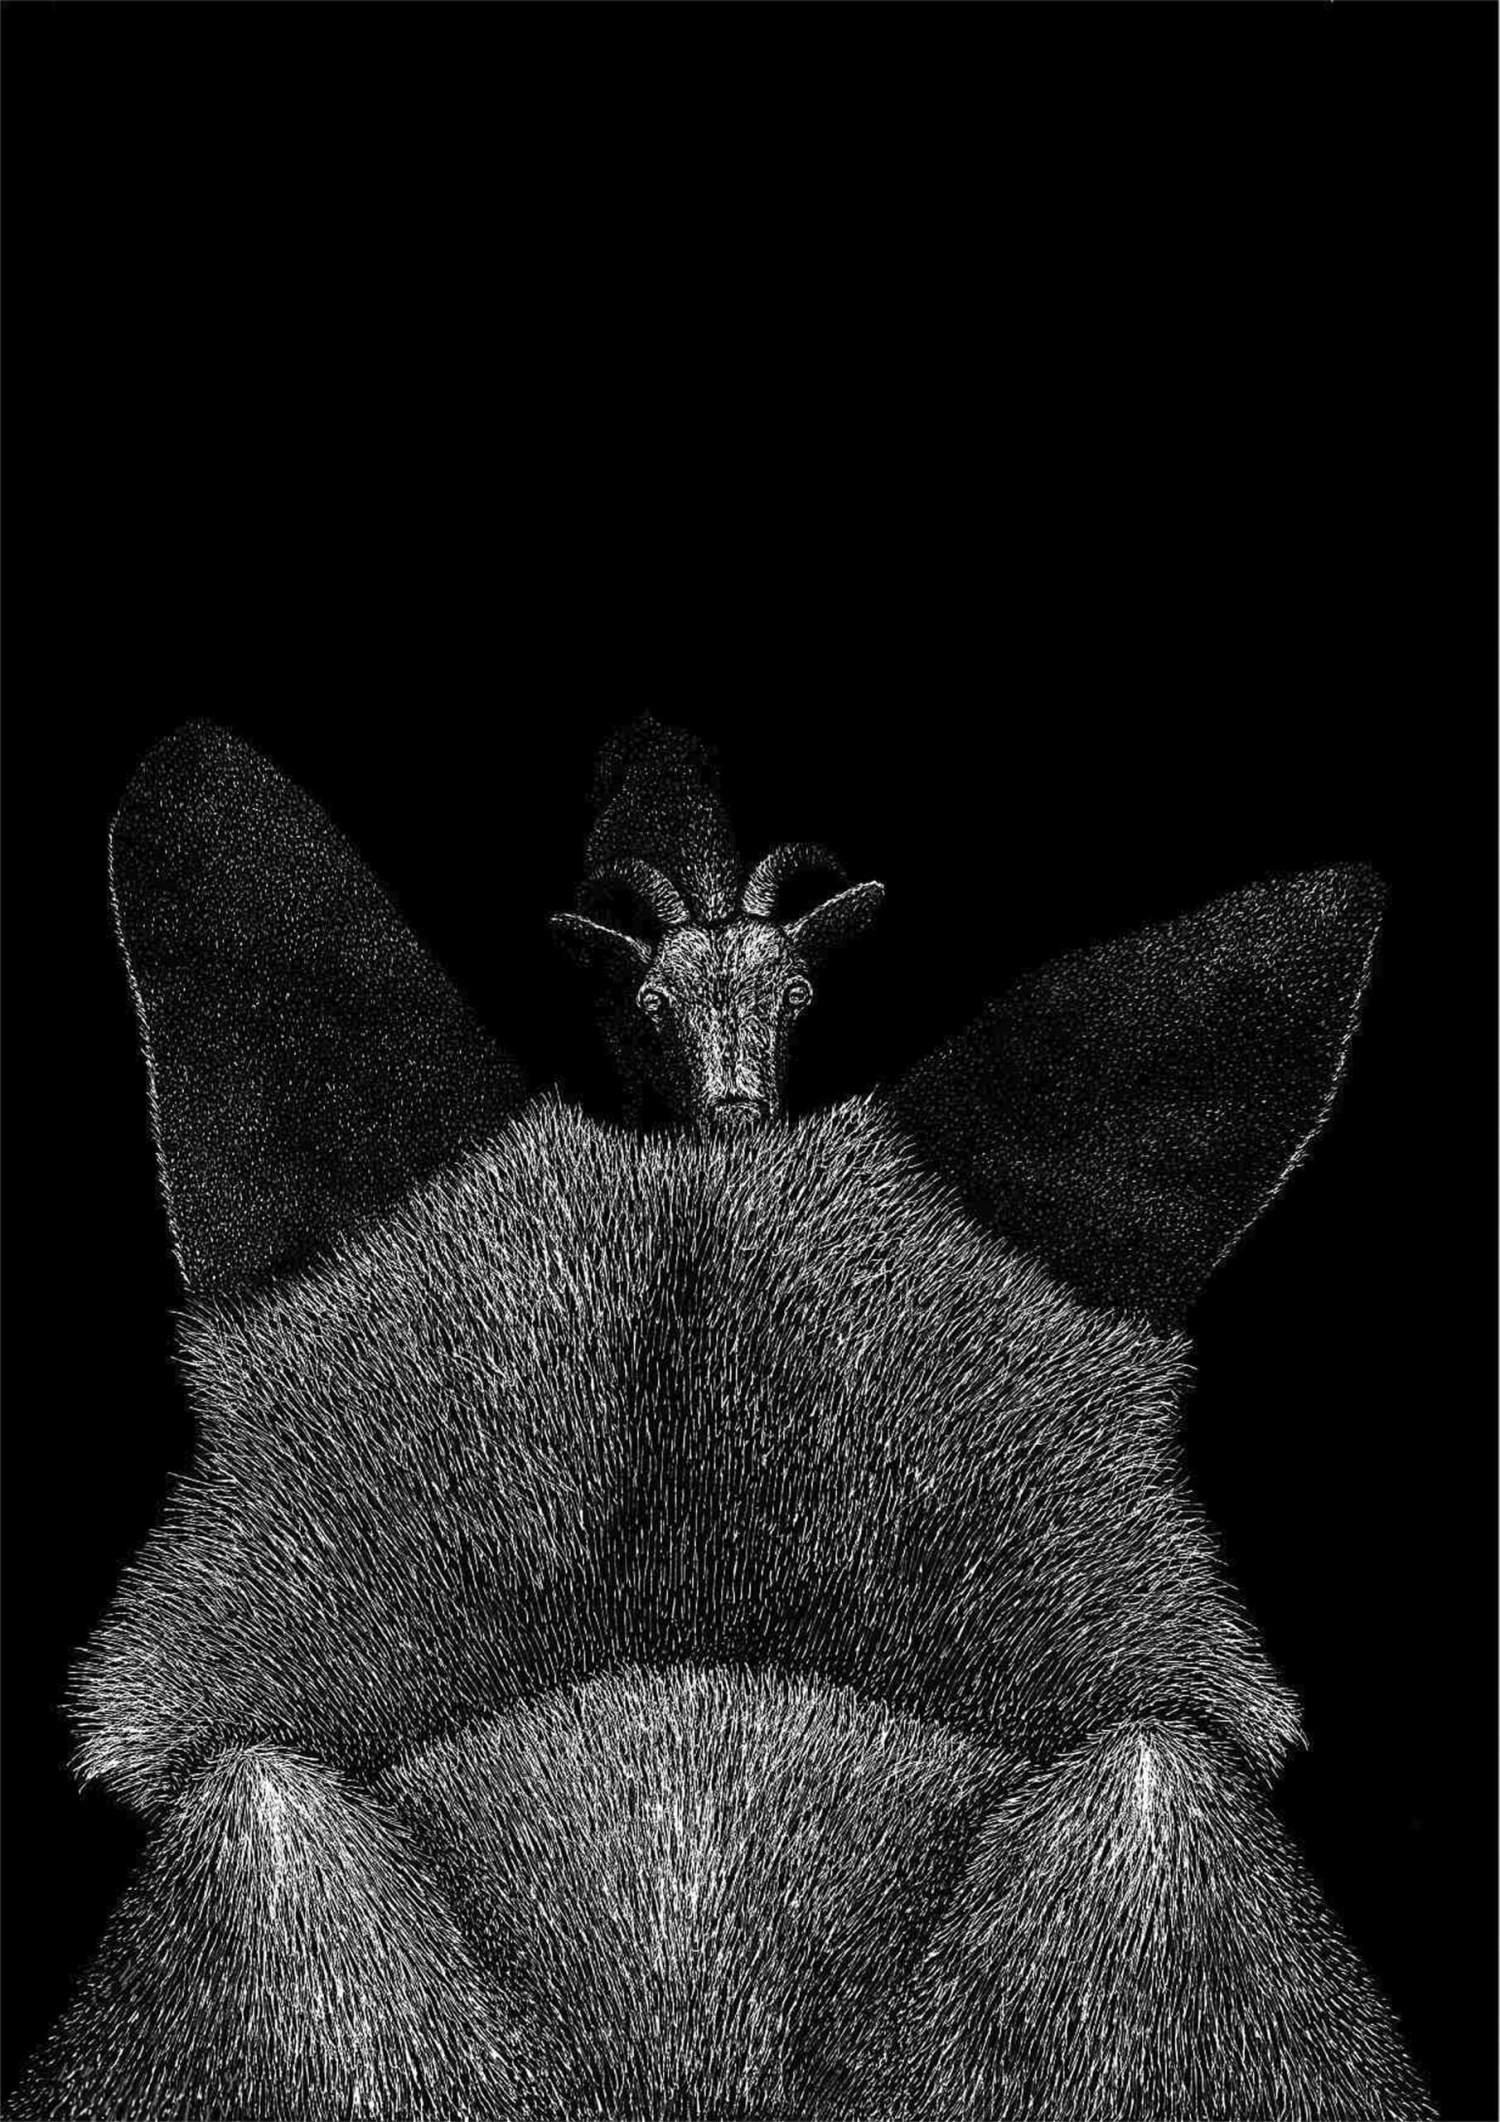 La volpe e il becco - Lia Mariani